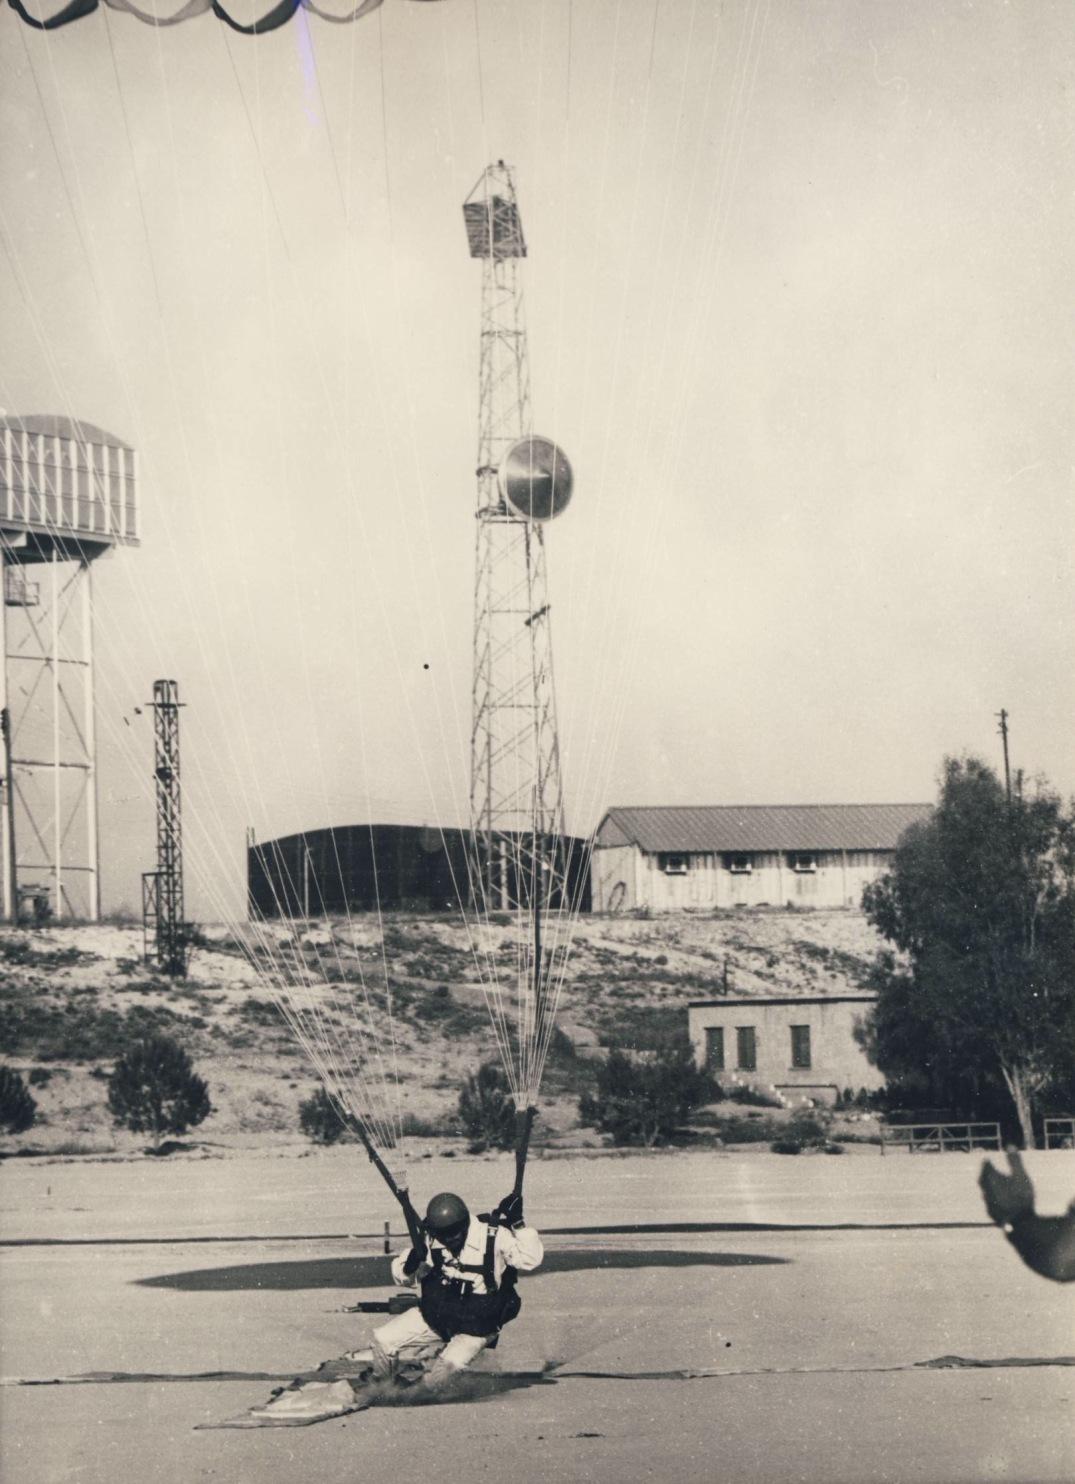 RAF STADIUM NICOSIA